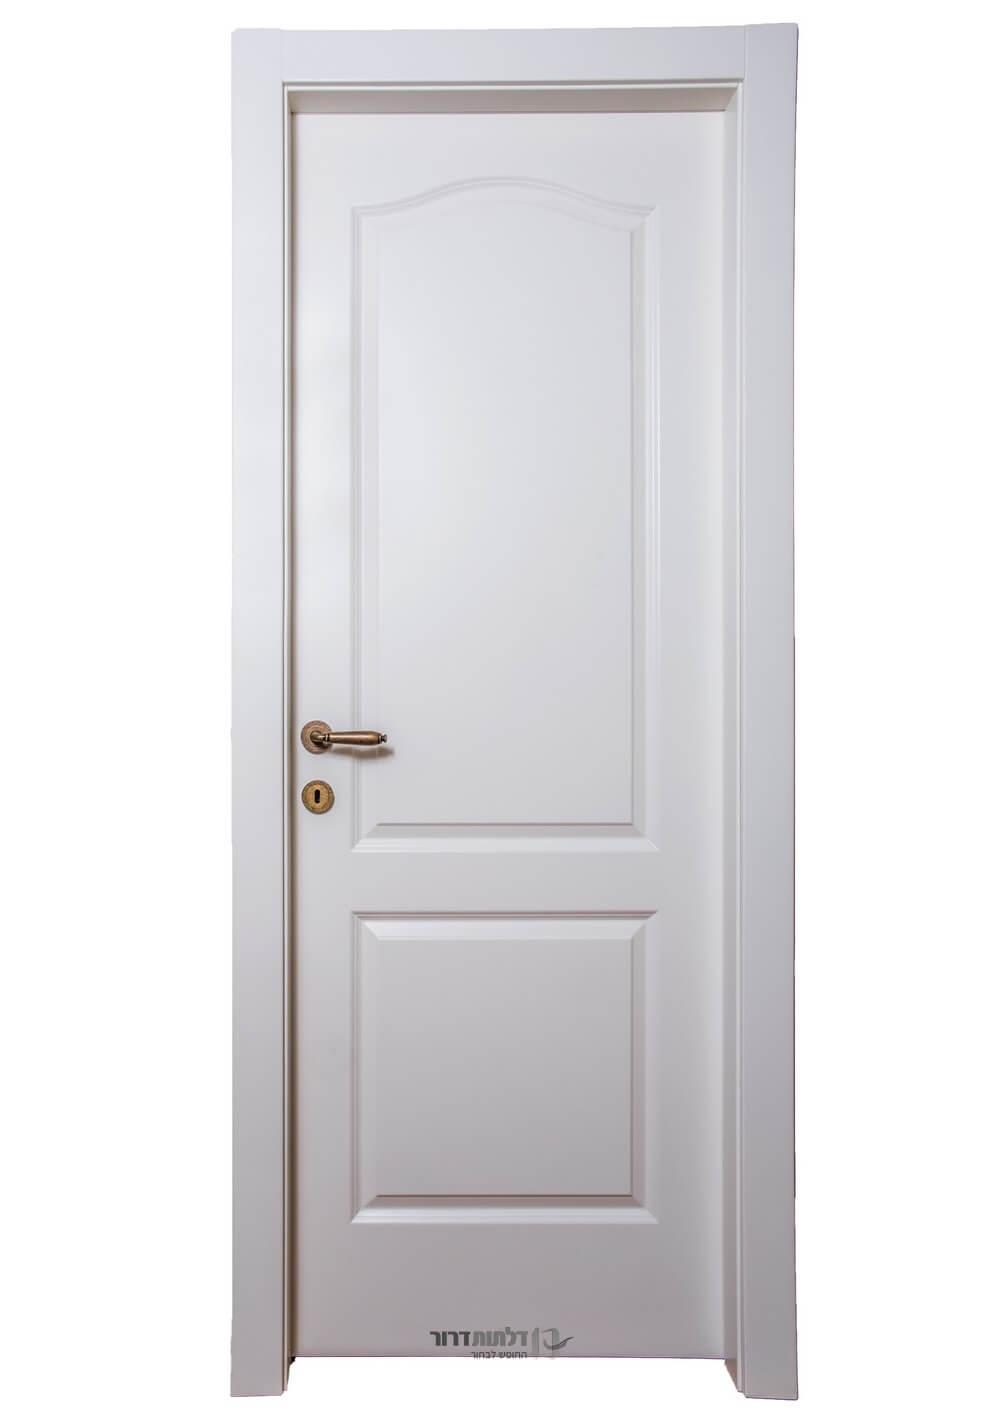 ייצור דלתות פנים דגם פאנל קשת